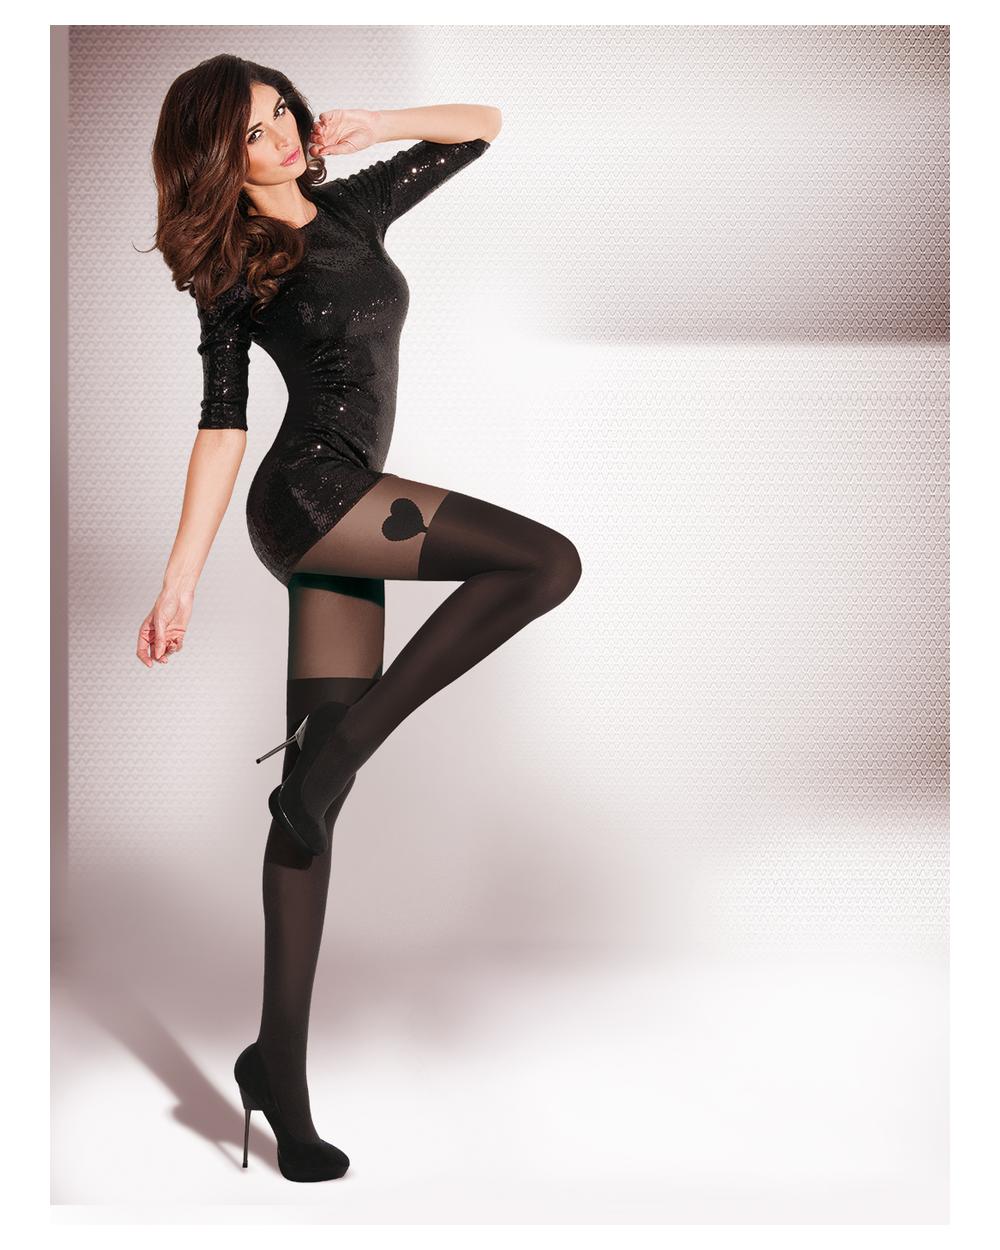 Collant AVILA Coeur, chaussette noire opaque